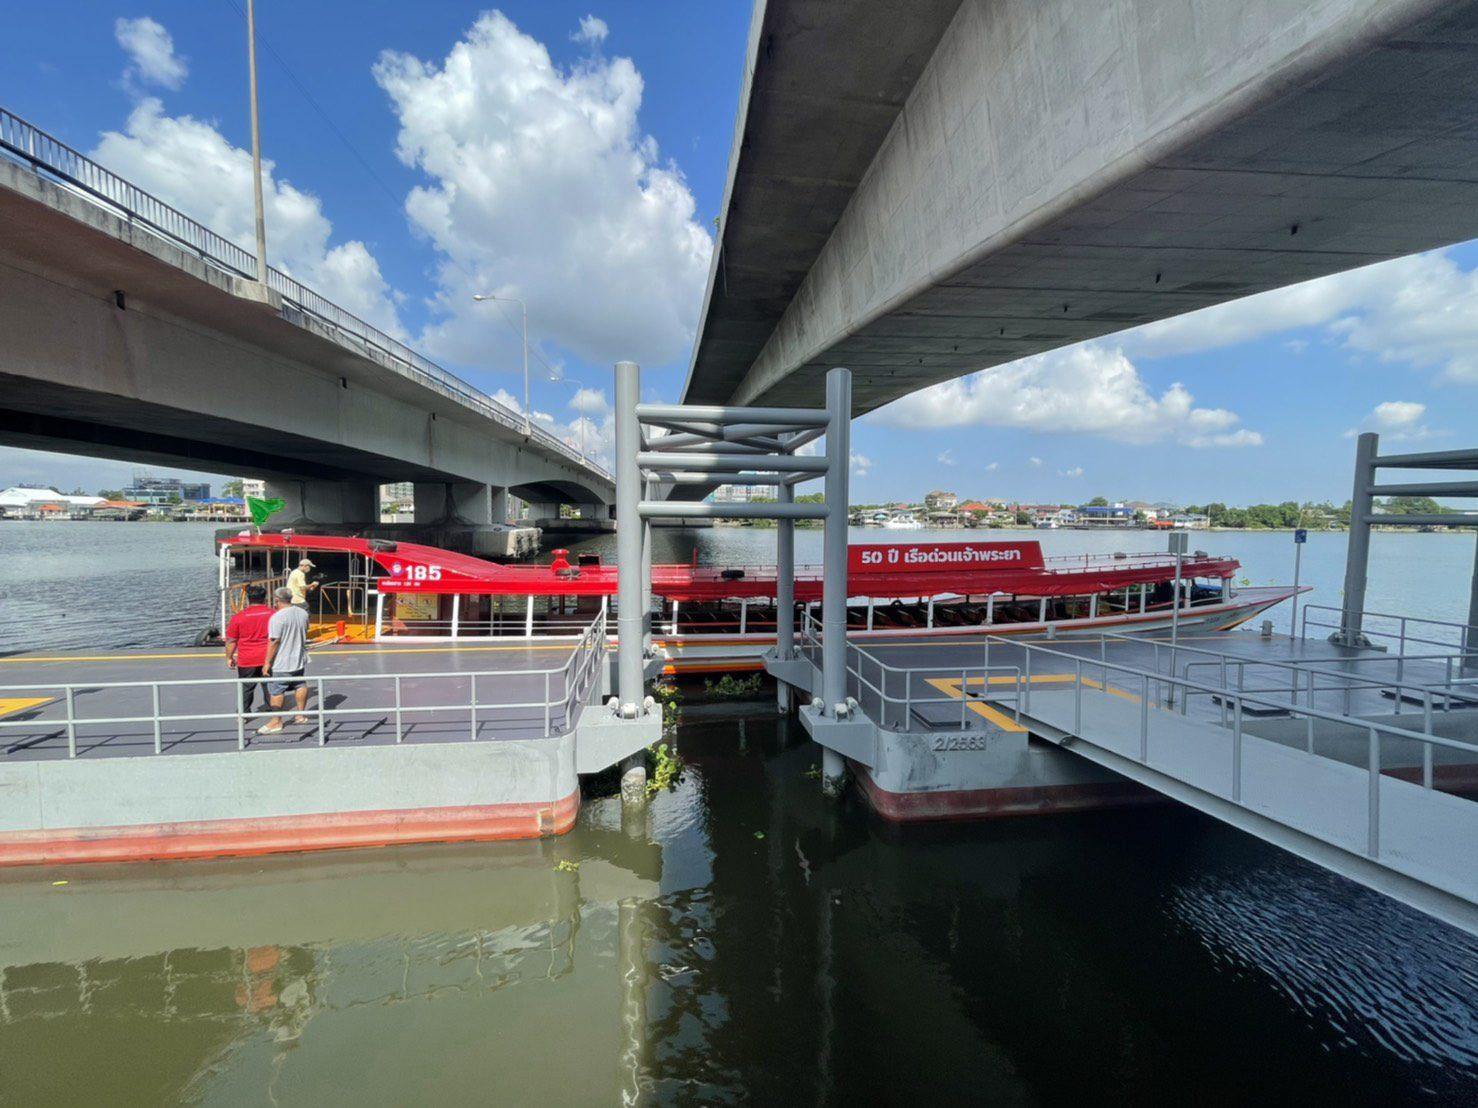 """ดีเดย์ 17 พ.ค. เรือด่วนเจ้าพระยา เปิดทดลองให้บริการ """"ท่าสะพานพระนั่งเกล้า"""" เชื่อมรถไฟฟ้าสีม่วง"""